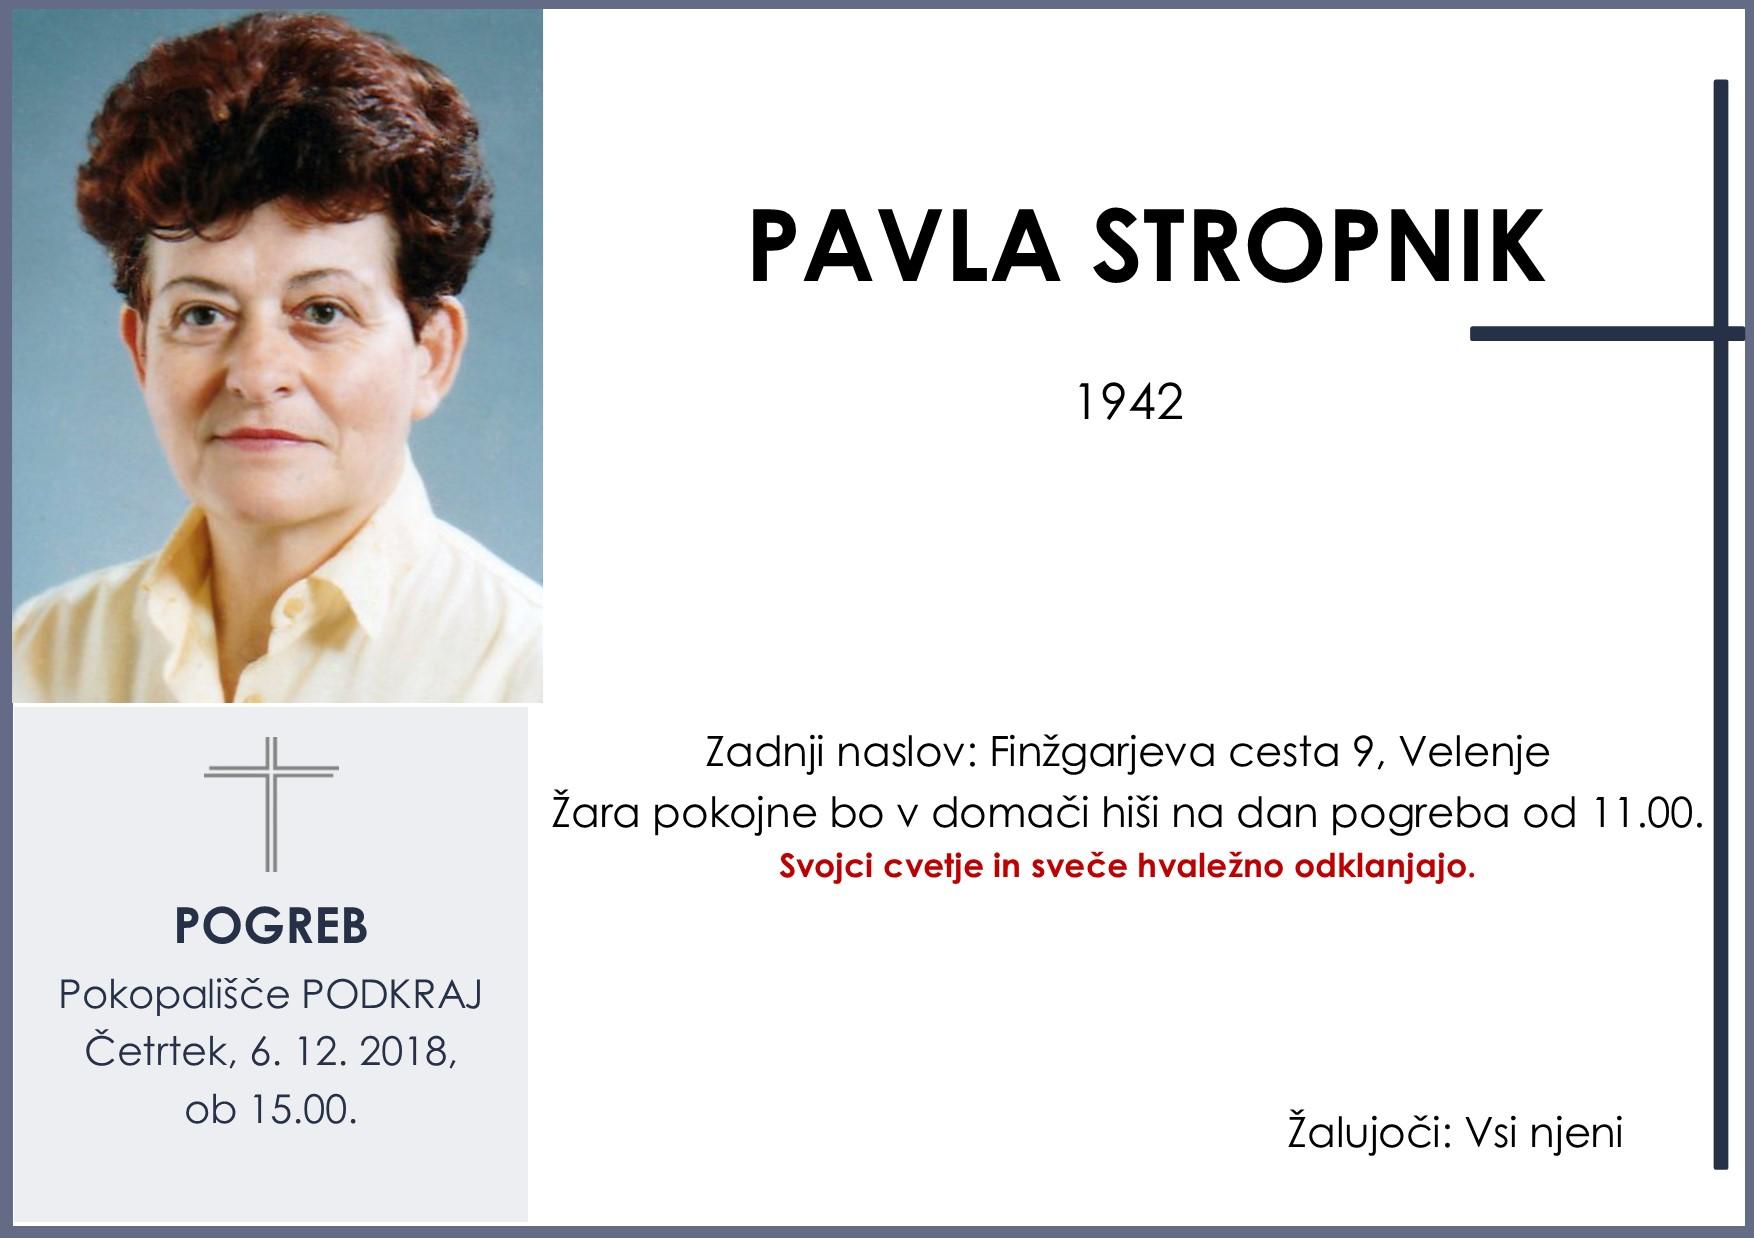 PAVLA STROPNIK, Podkraj, 06. 12. 2018